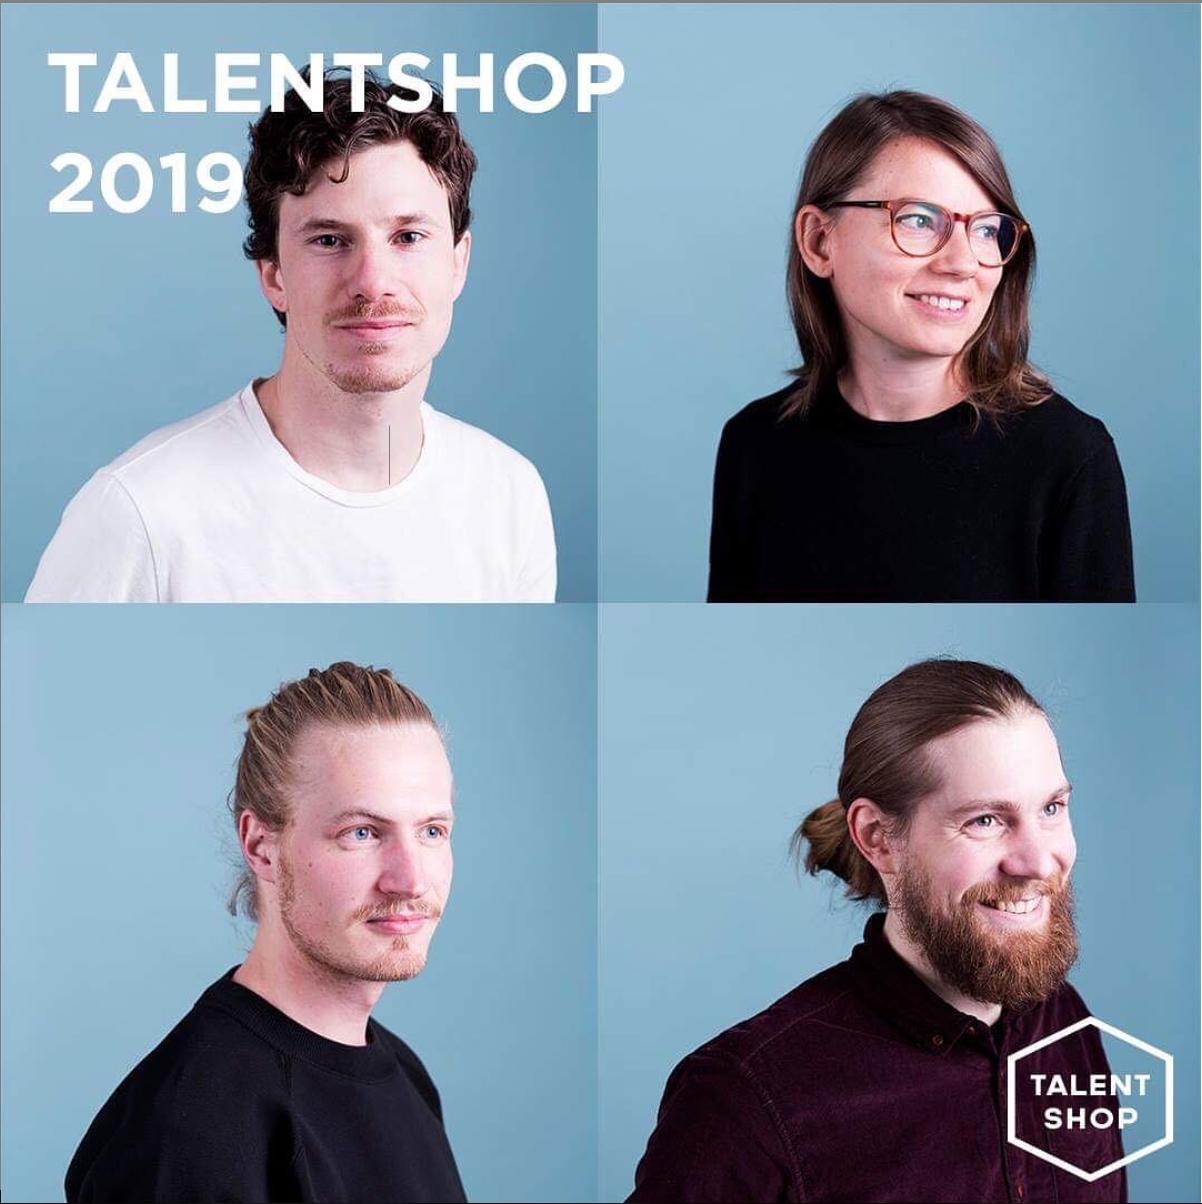 talentshop2019_habitare.png